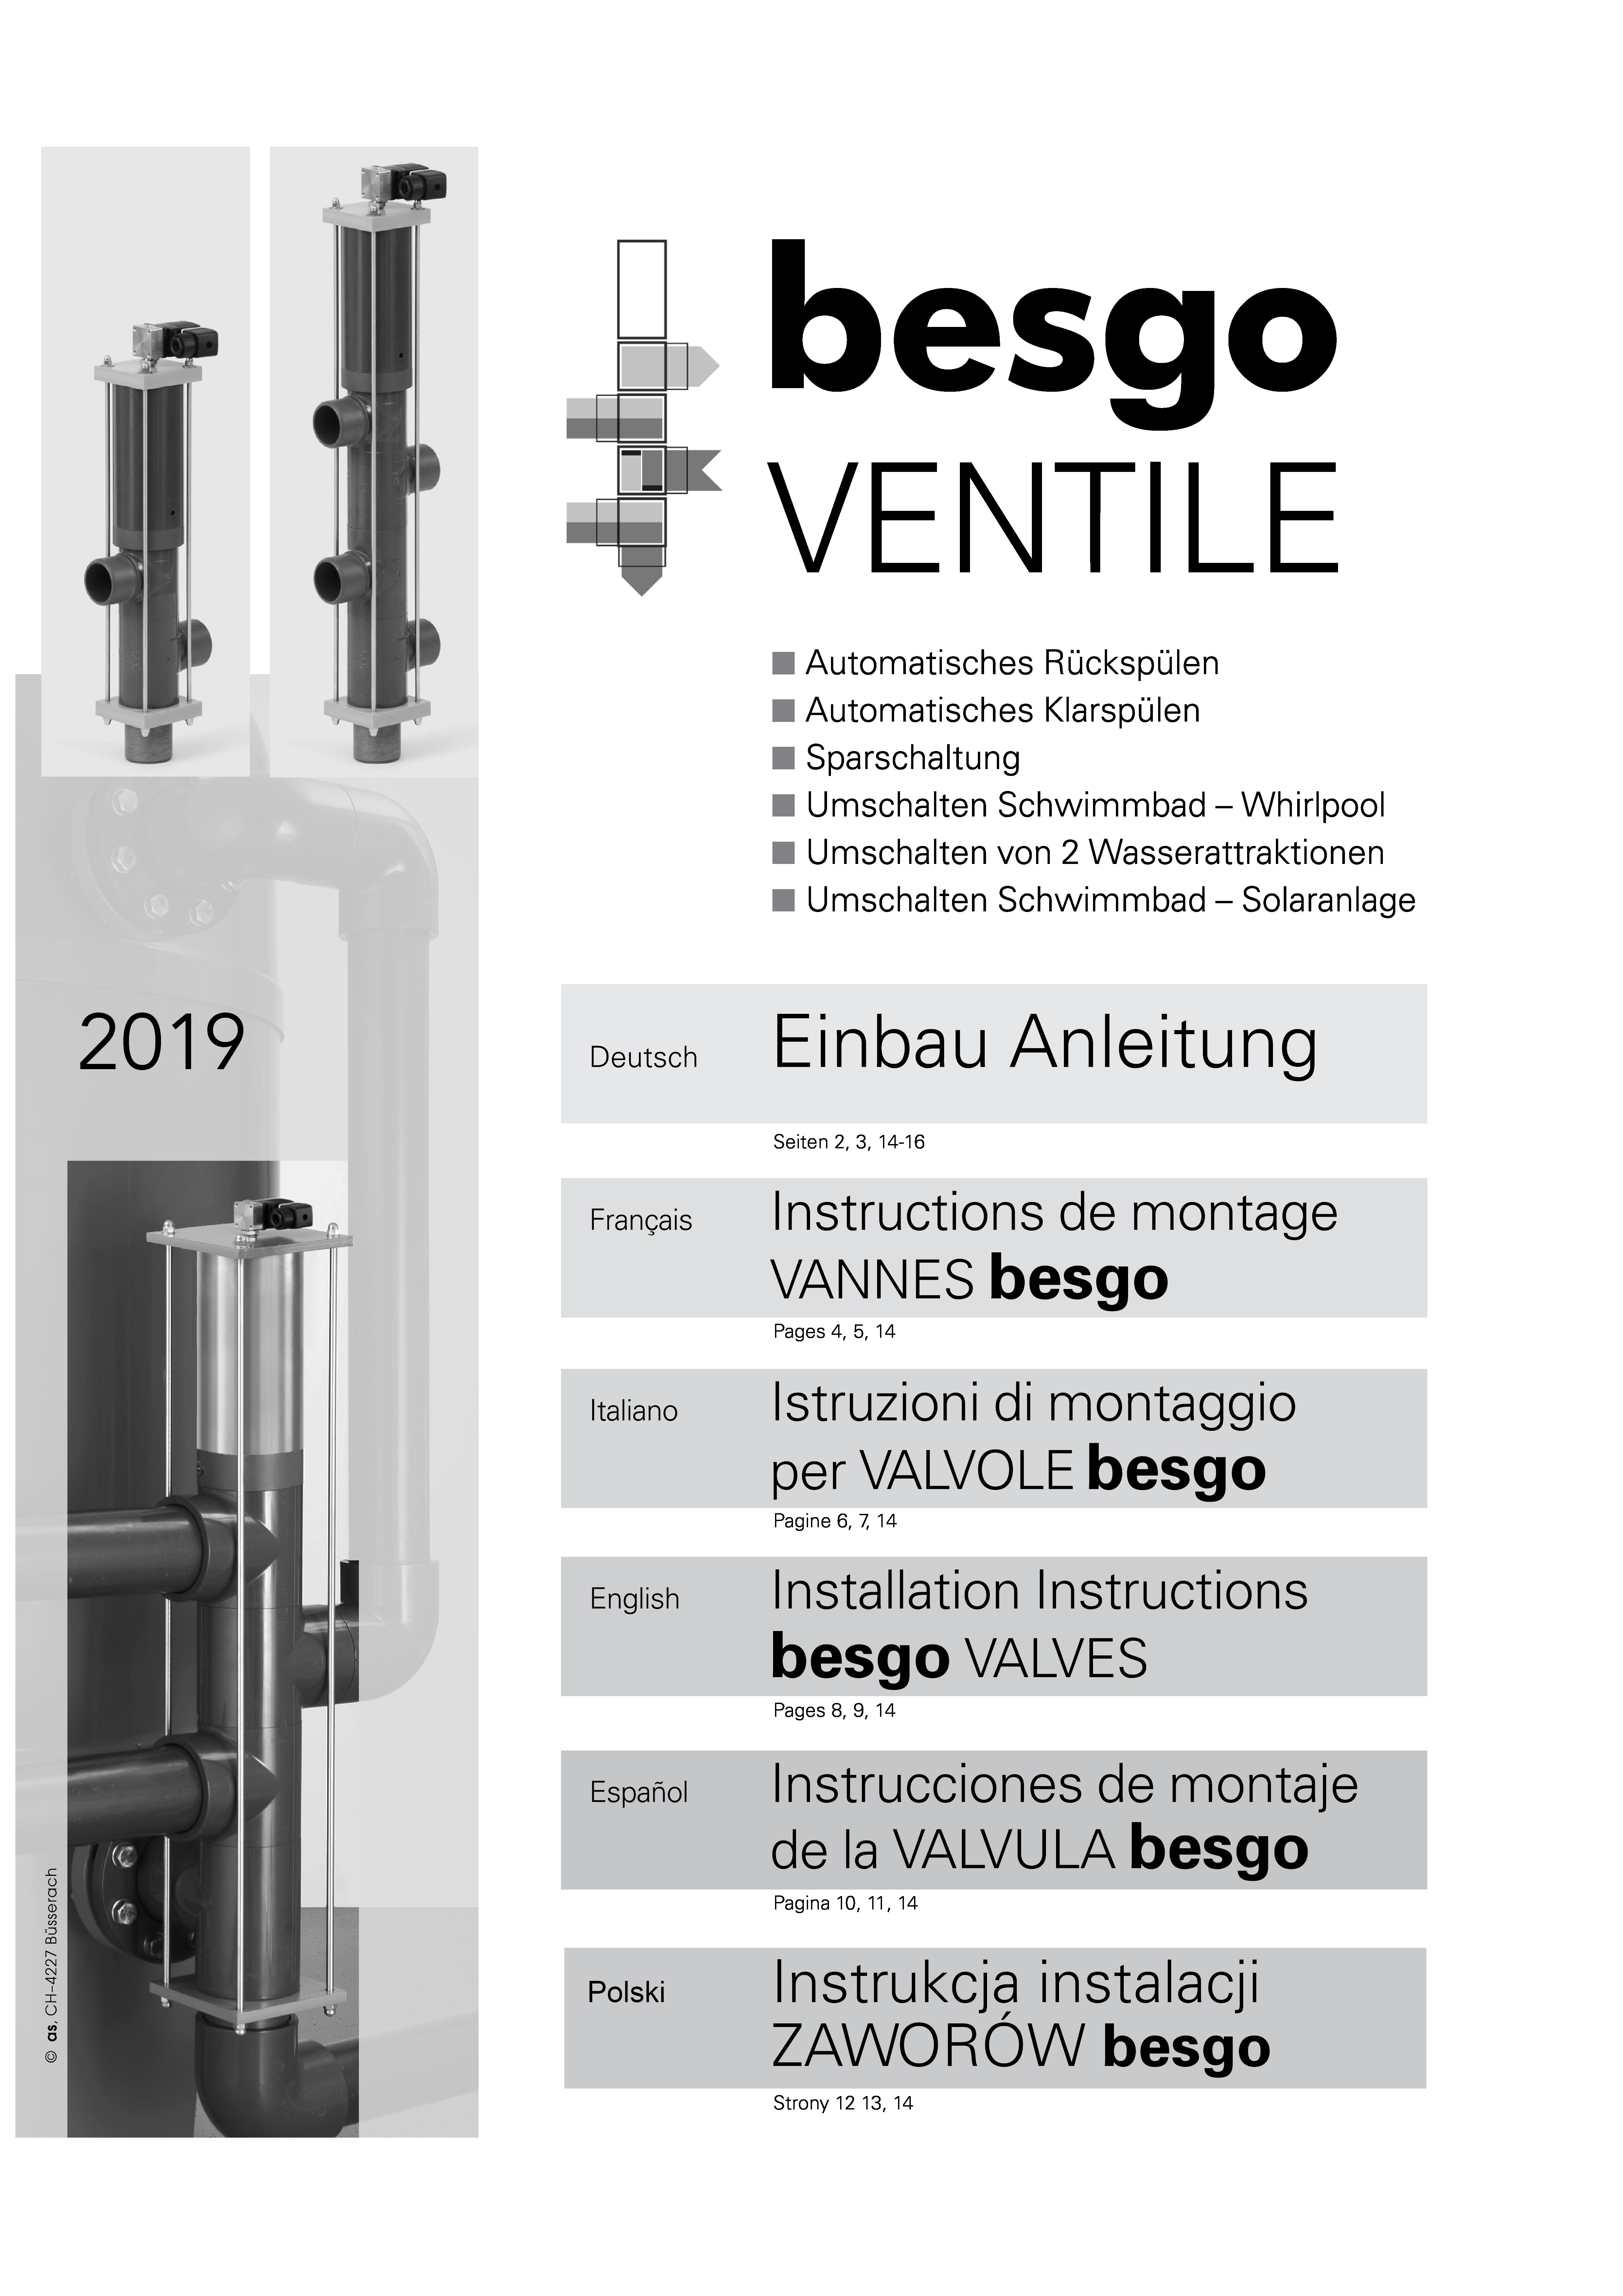 Besgo manual German